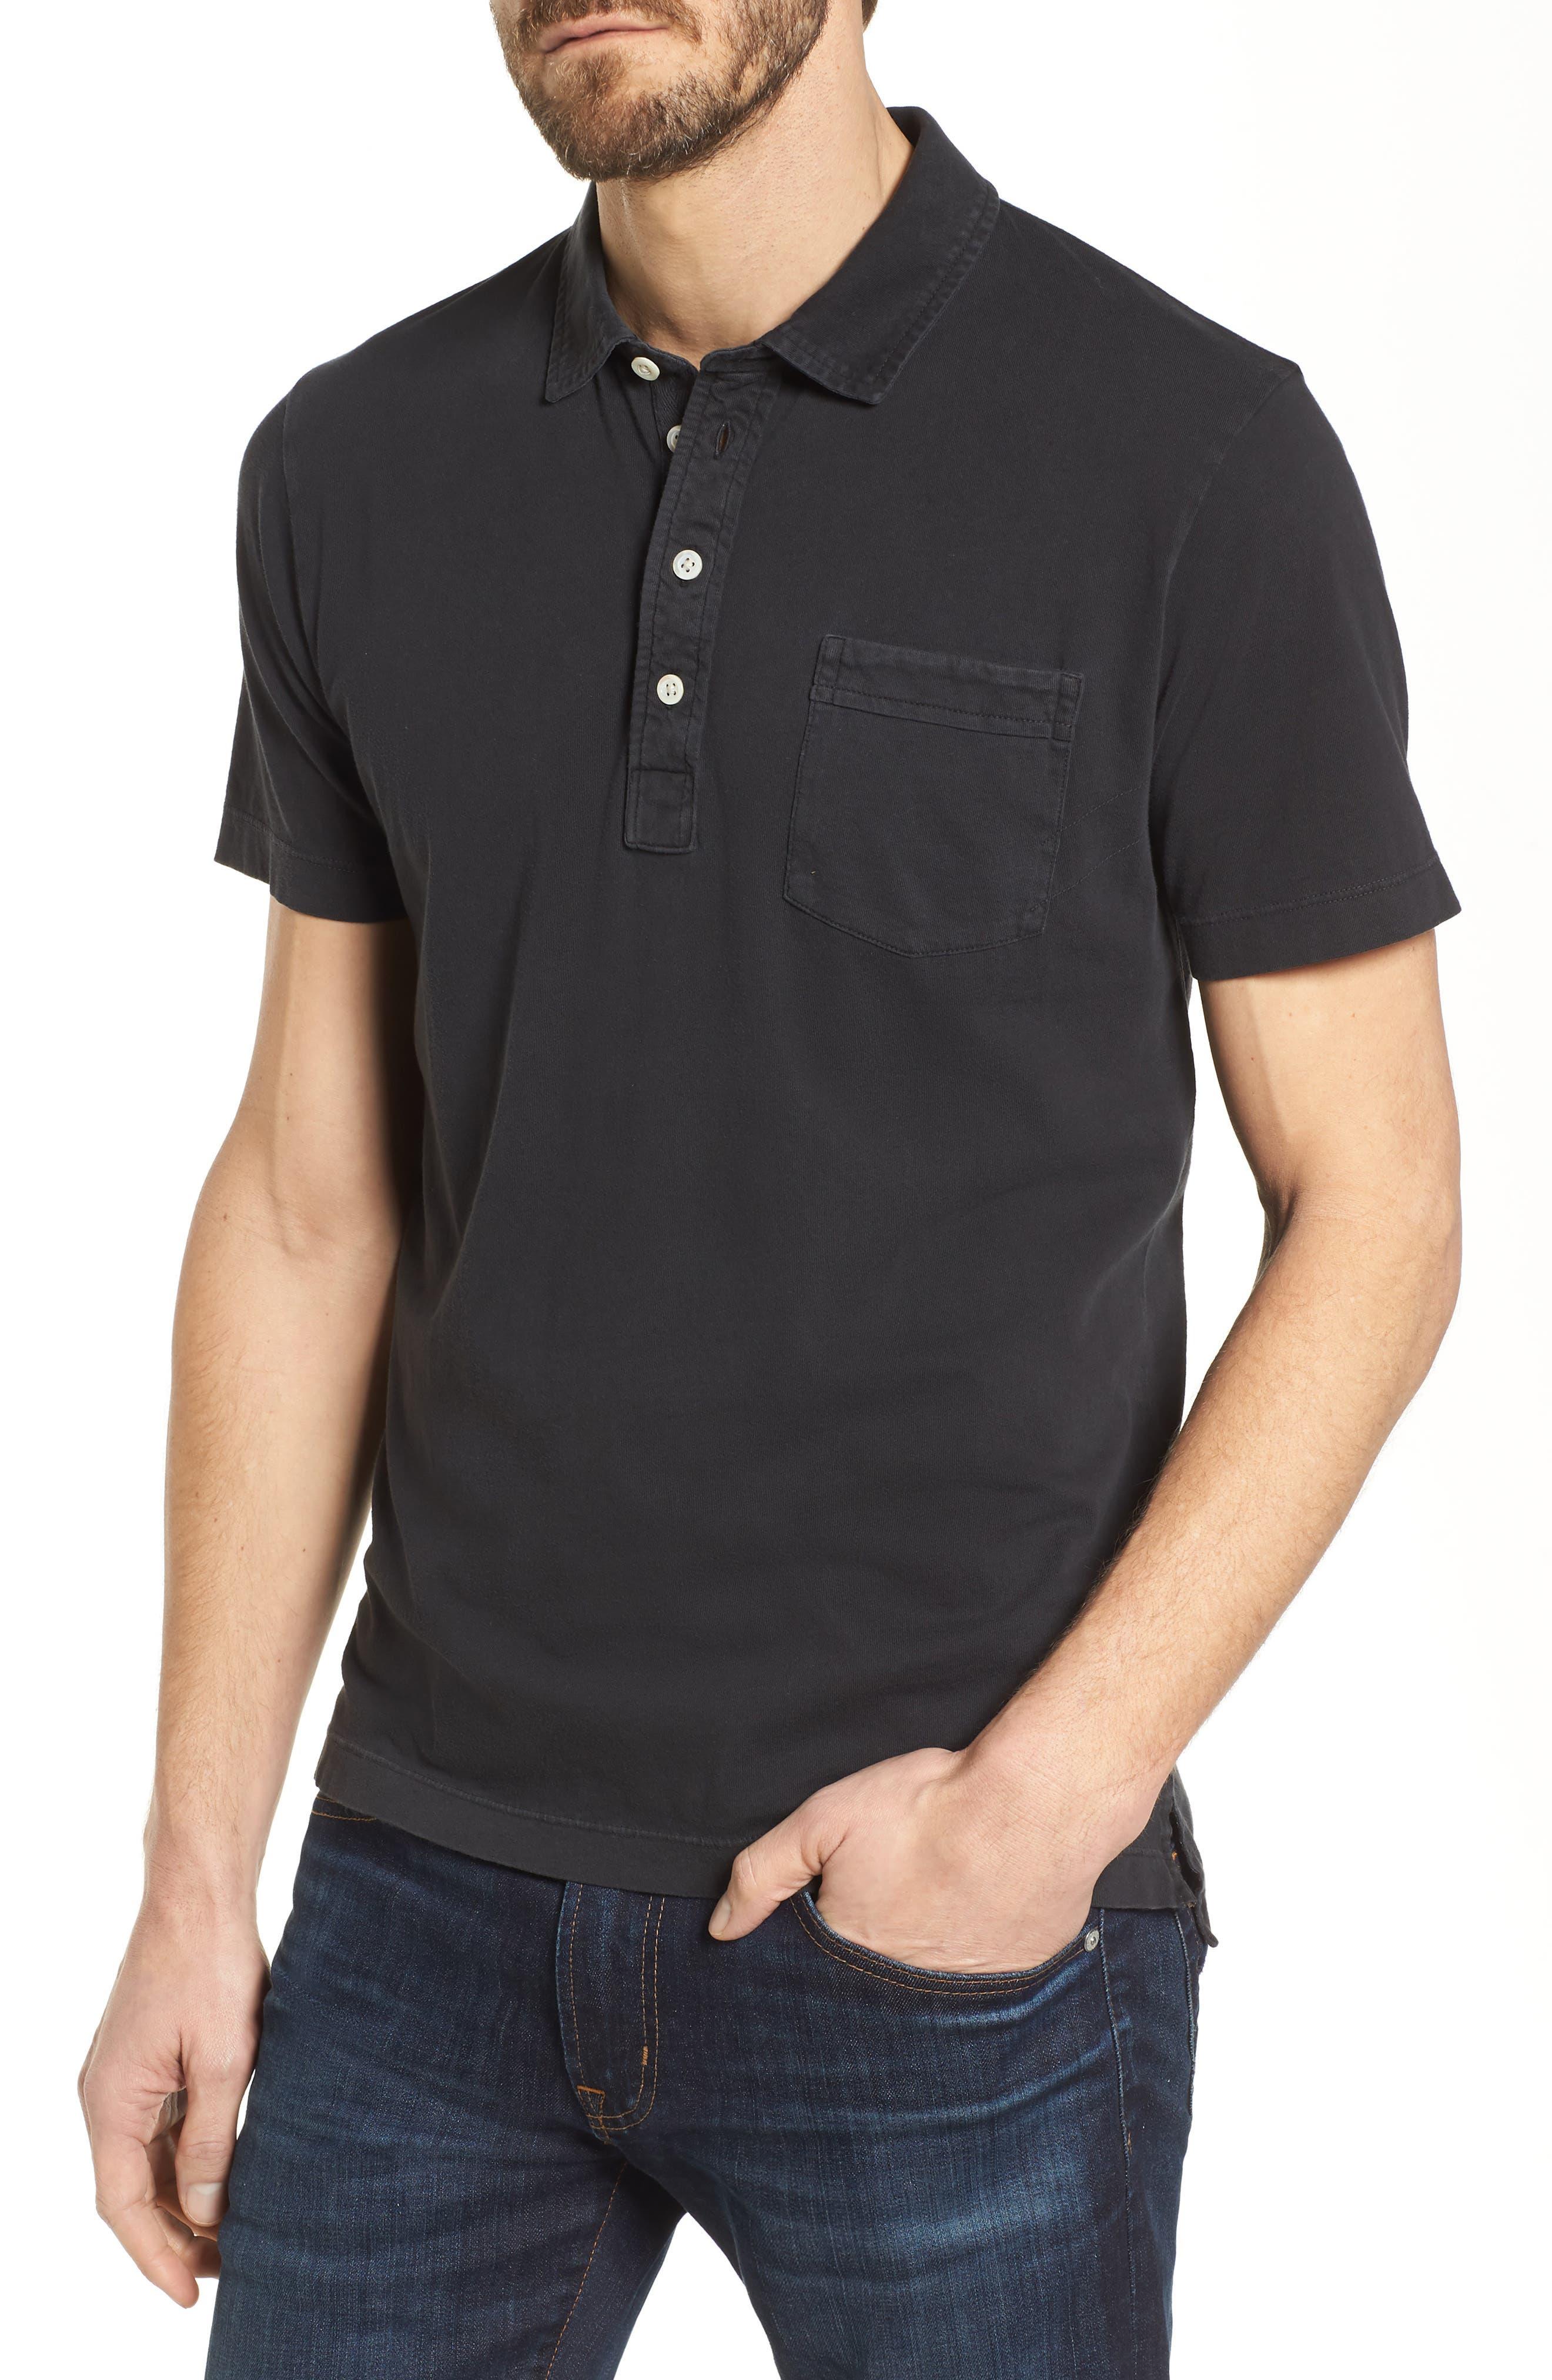 Pensacola Slim Fit Garment Dye Polo